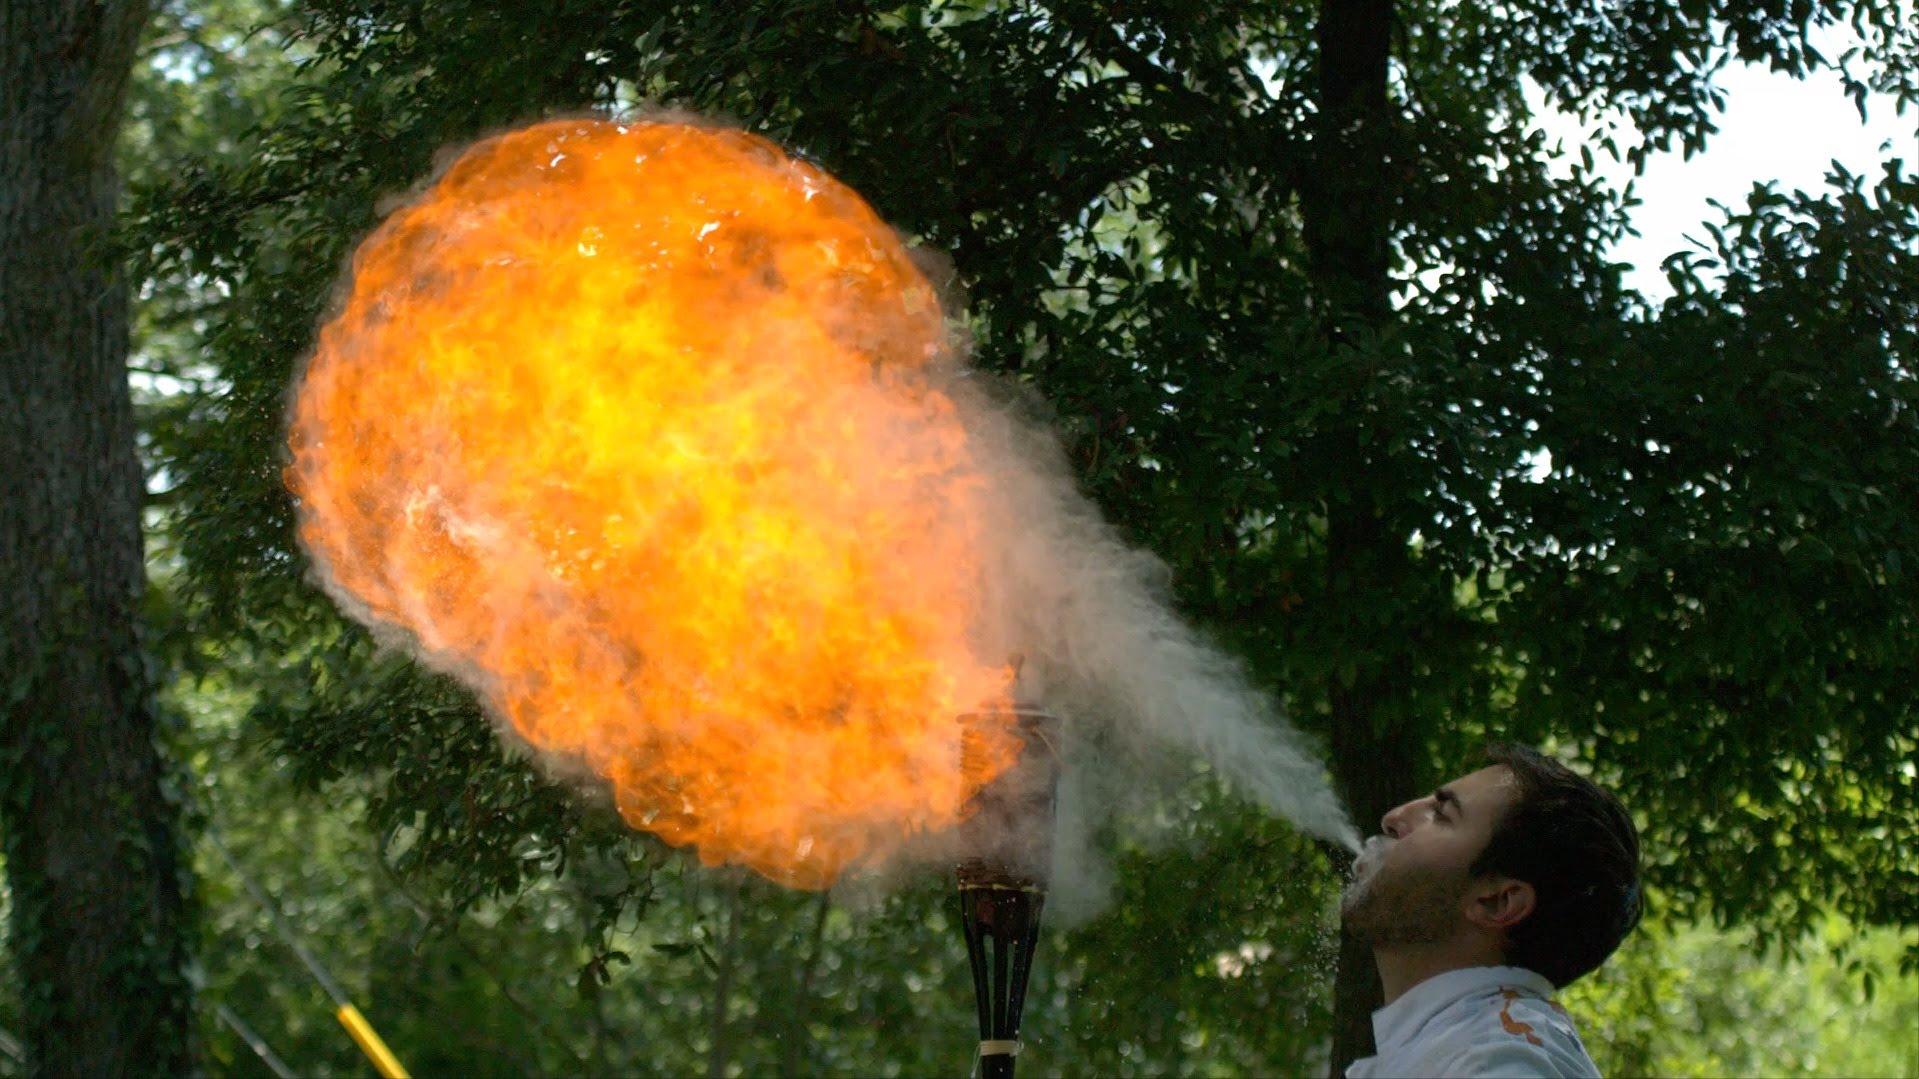 コーンスターチを口に含んで火吹きする一発芸みたいな動画